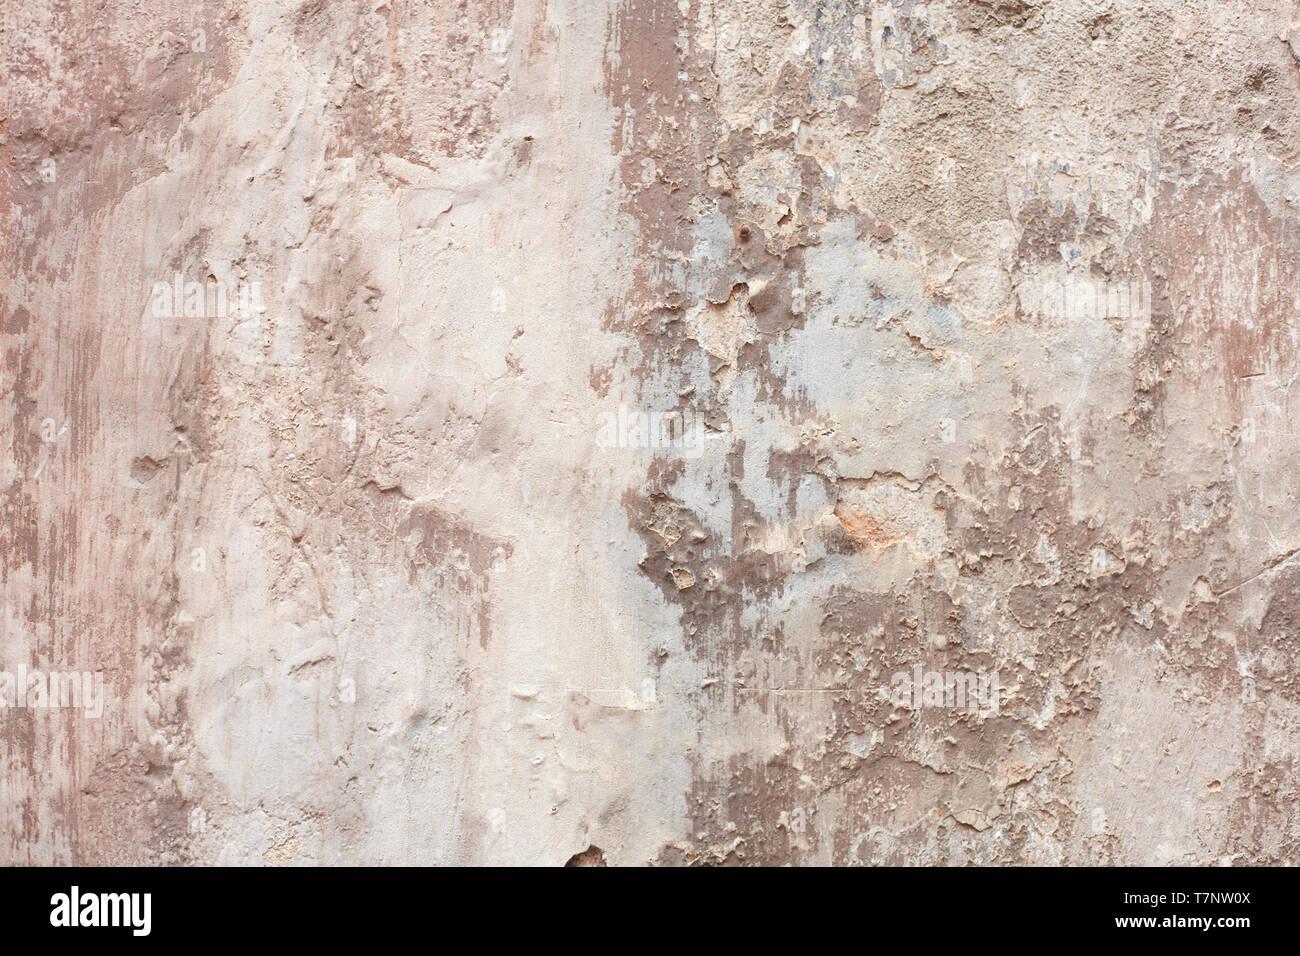 Alte beige abgesplitterte Wand Textur Hintergrund Stockbild